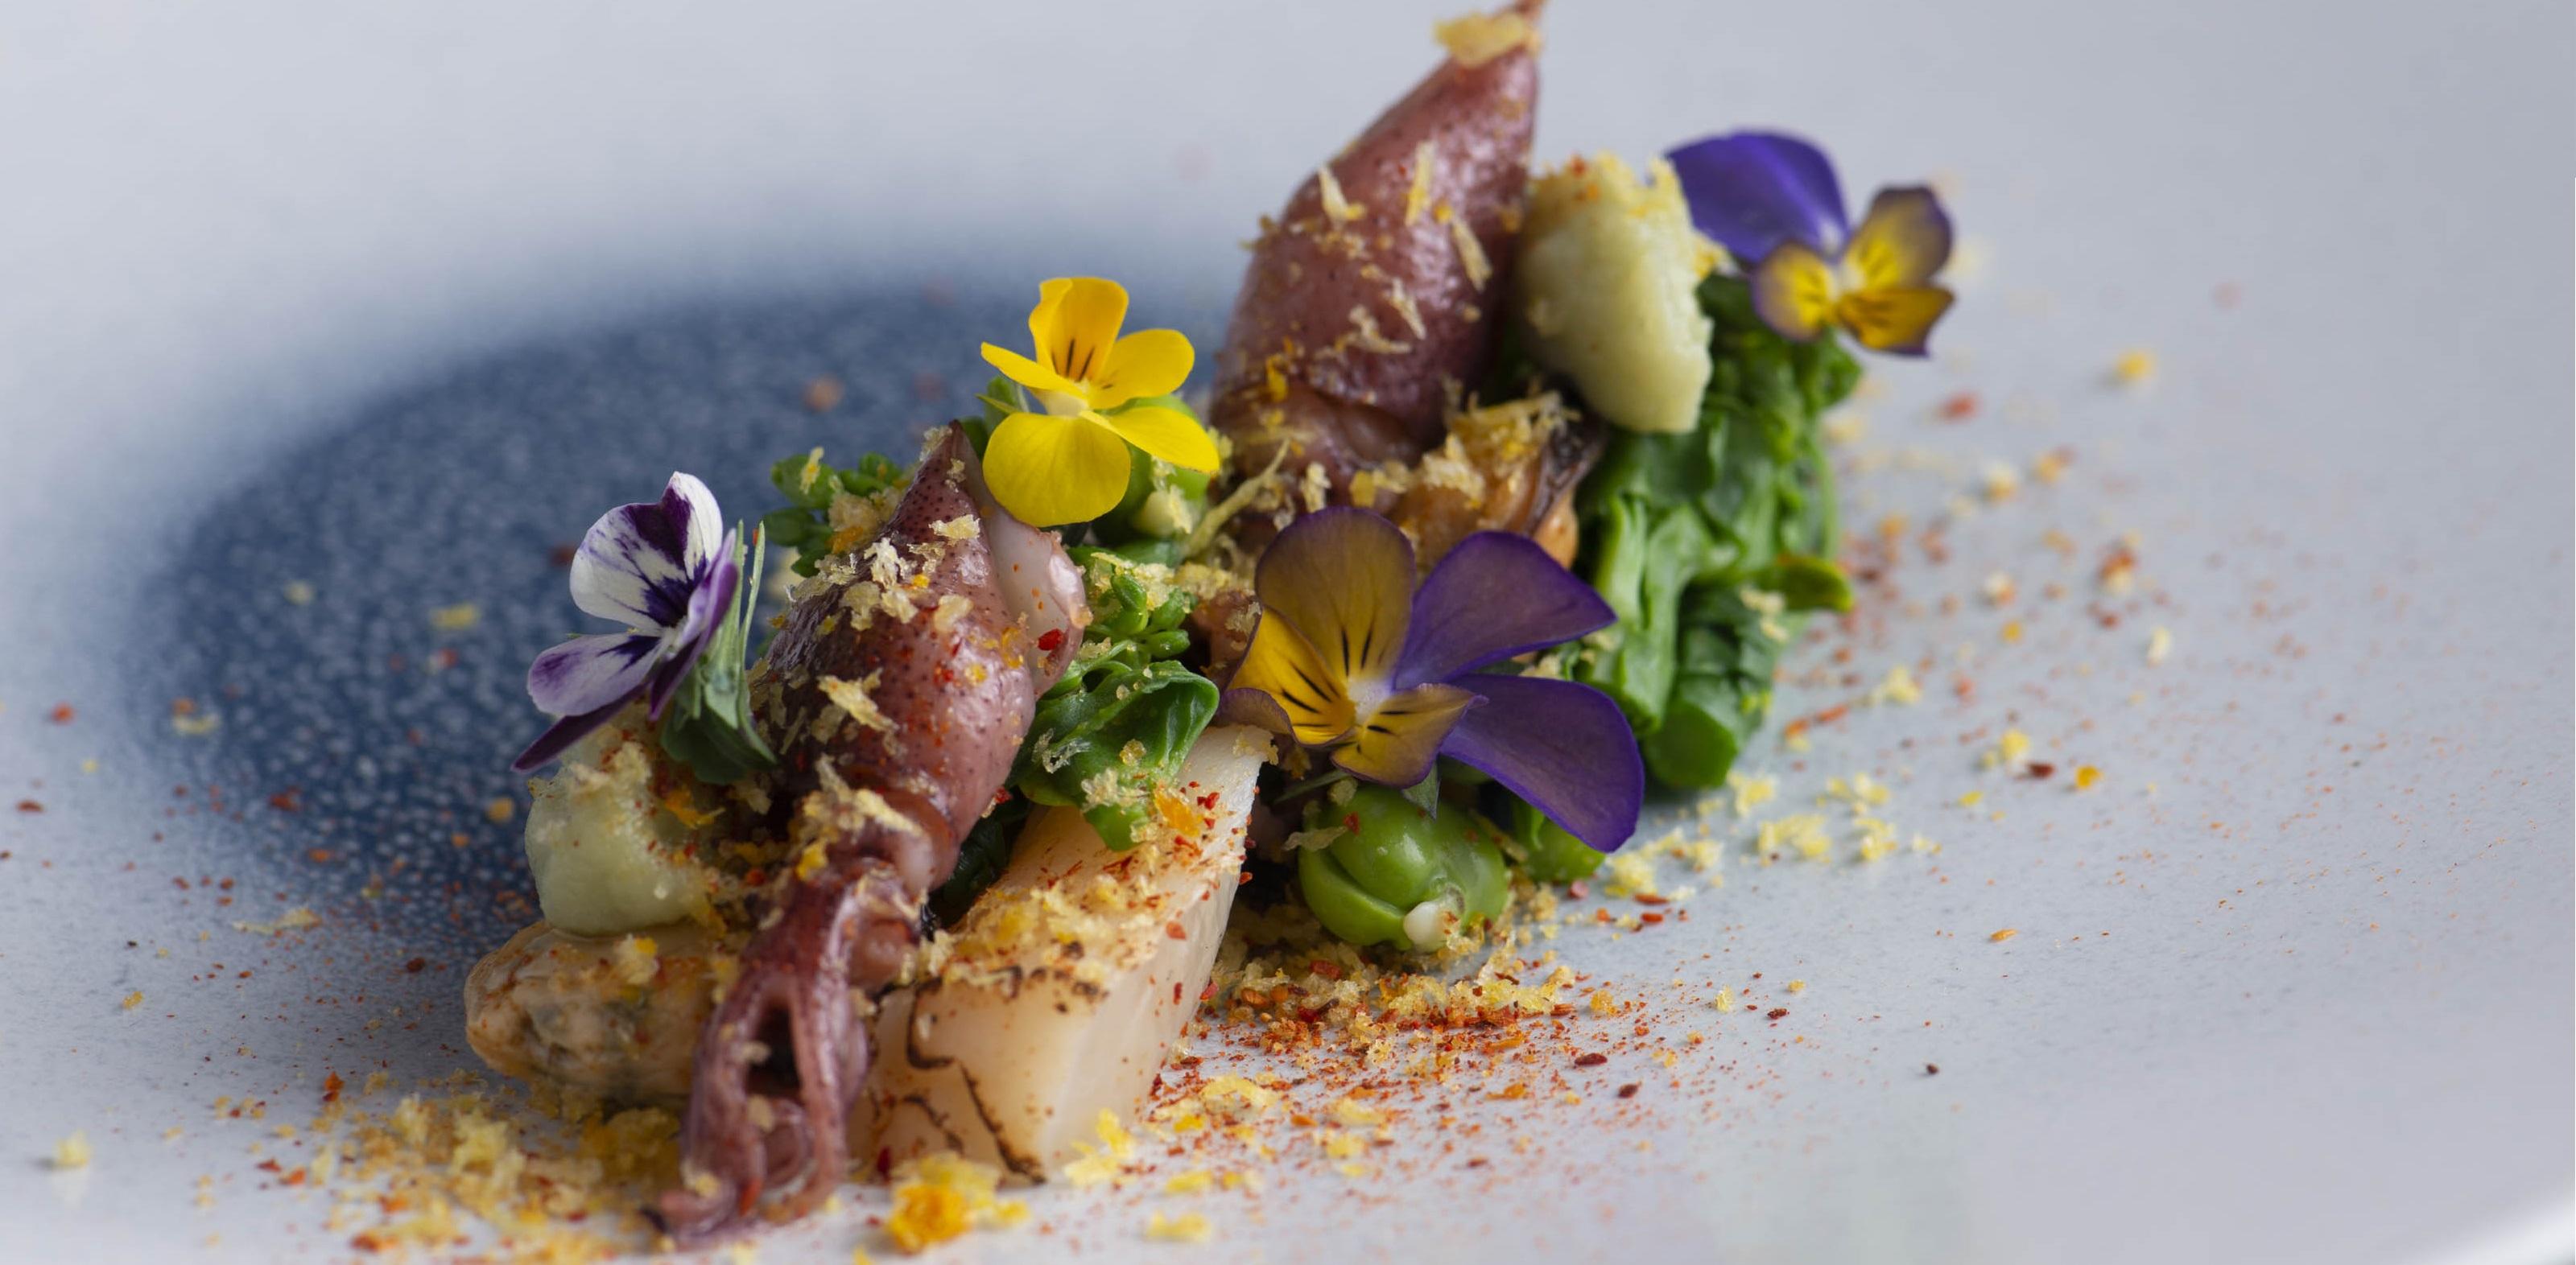 ホタルイカ・ムール貝・帆立 菜の花と空豆のサラダ仕立て加工